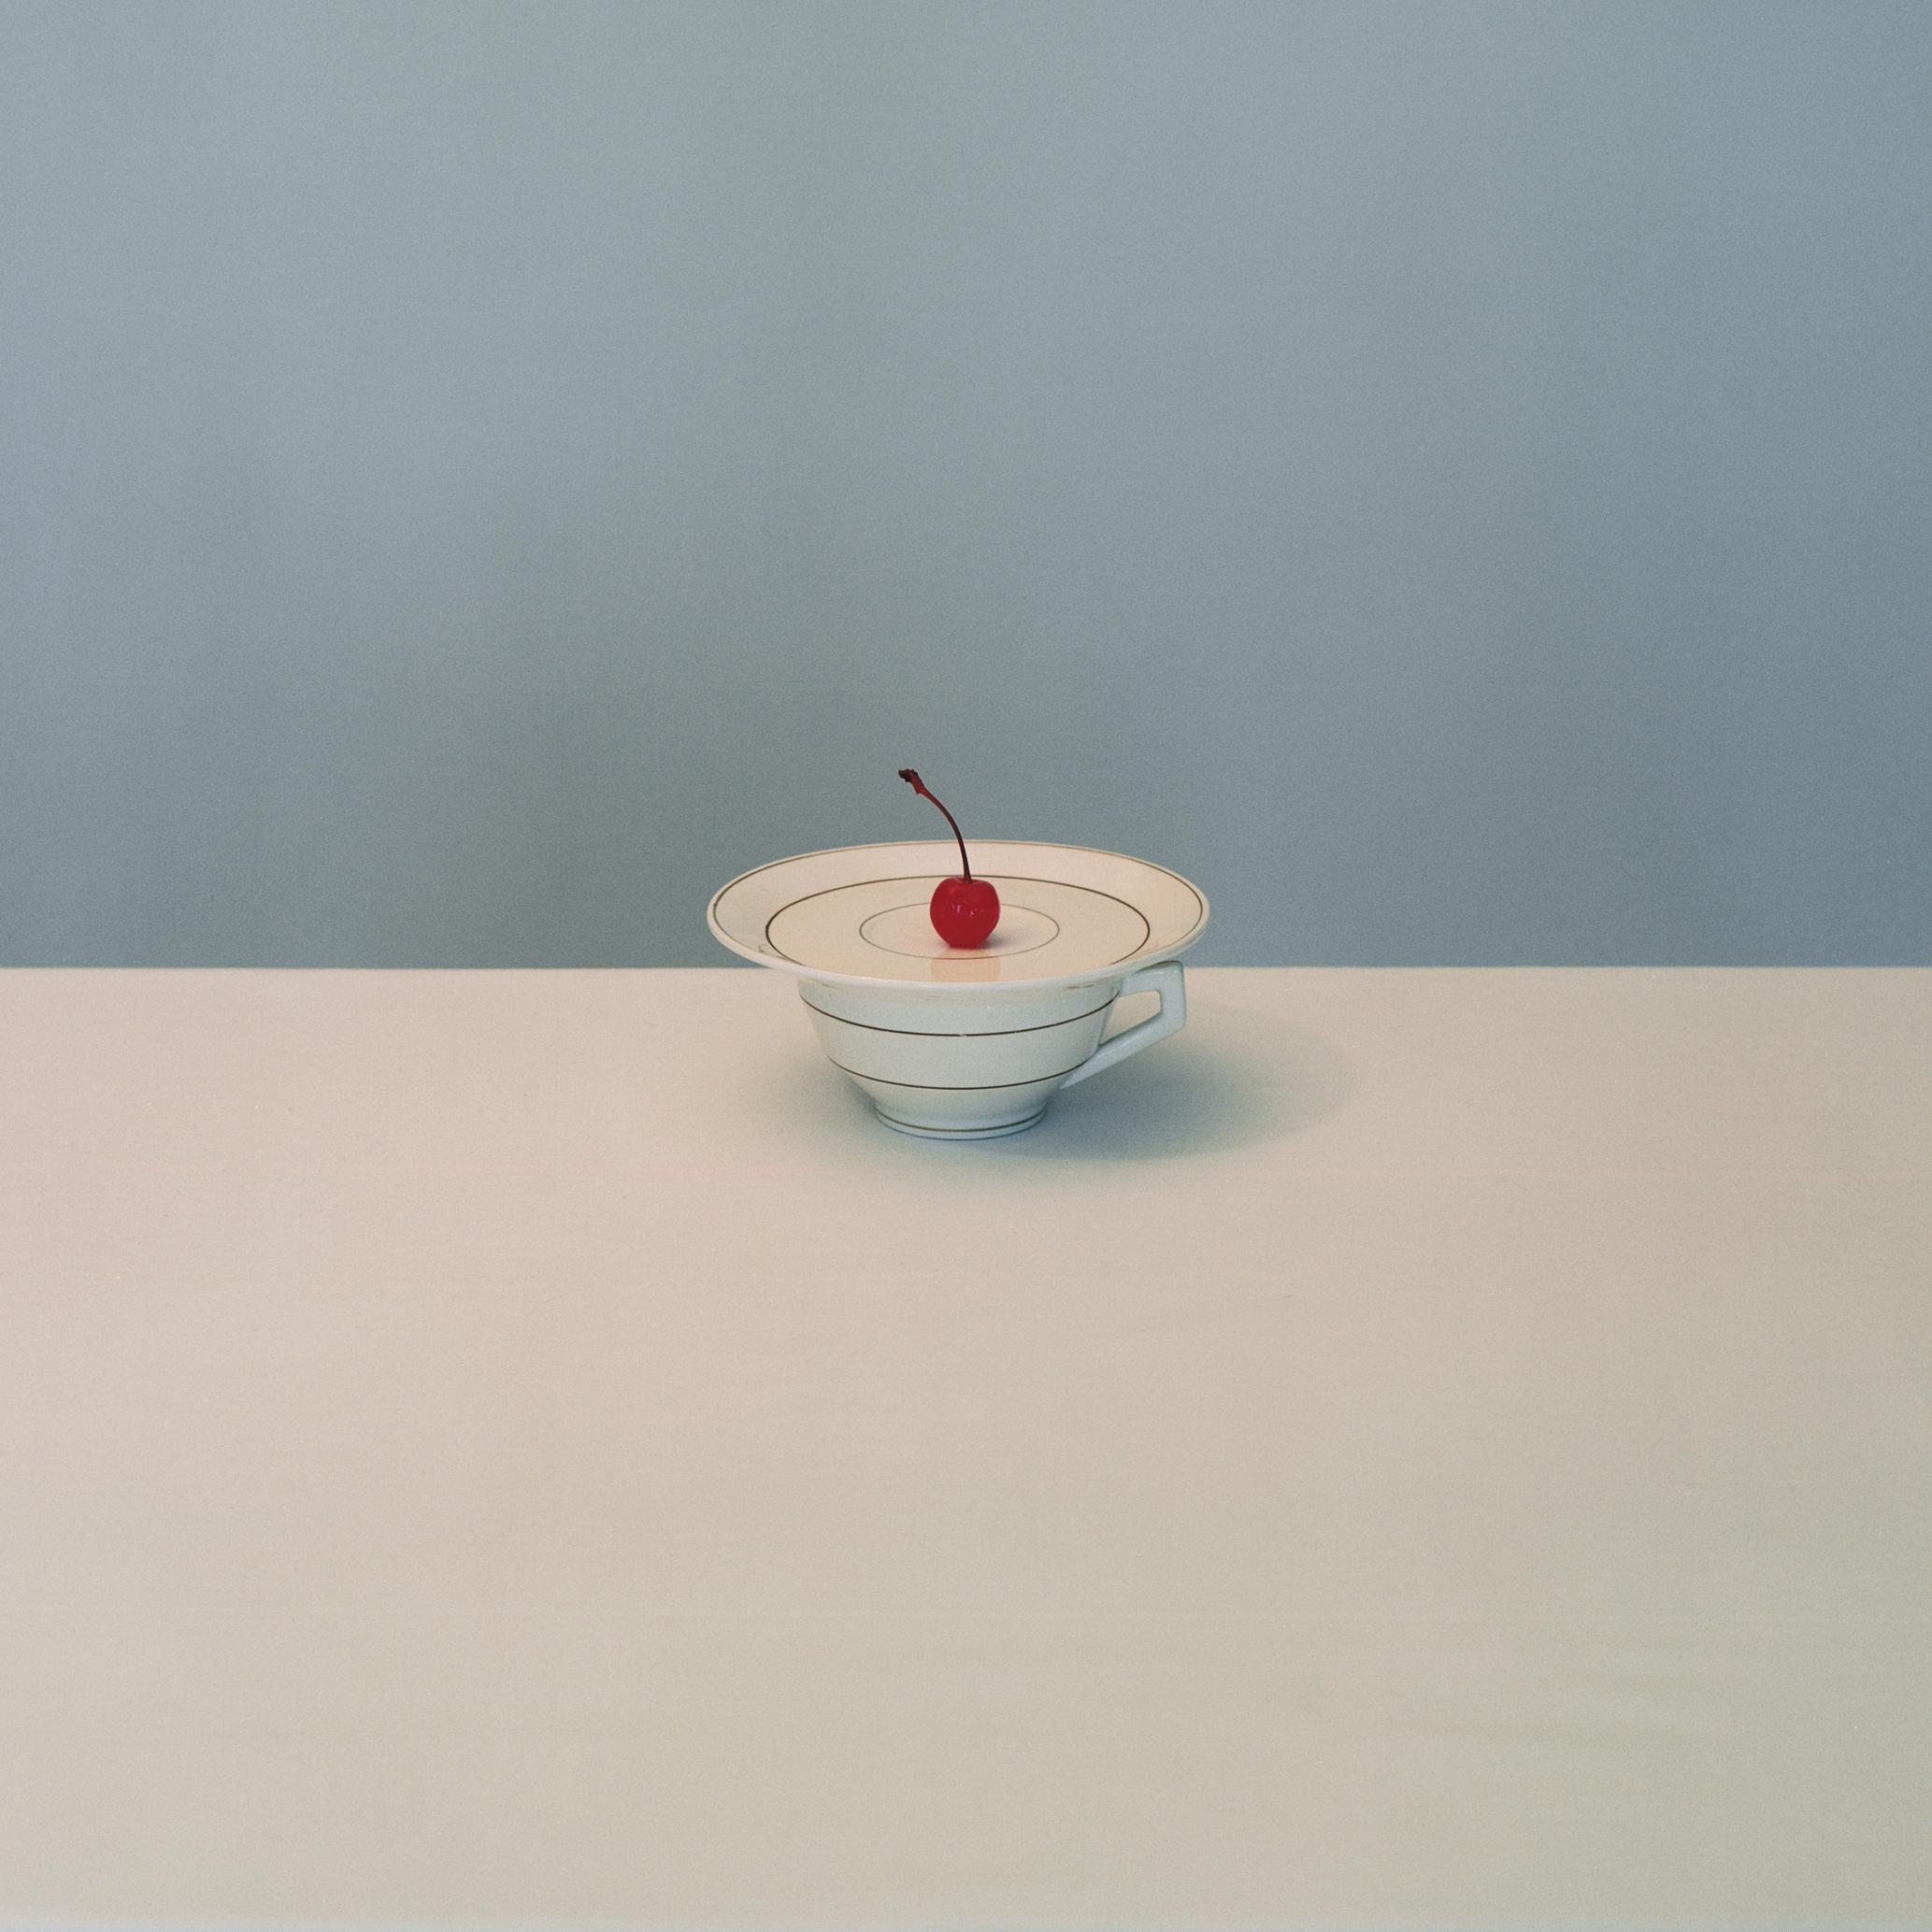 Carlo Benvenuto, Senza Titolo, 2016, 68 x 68 cm